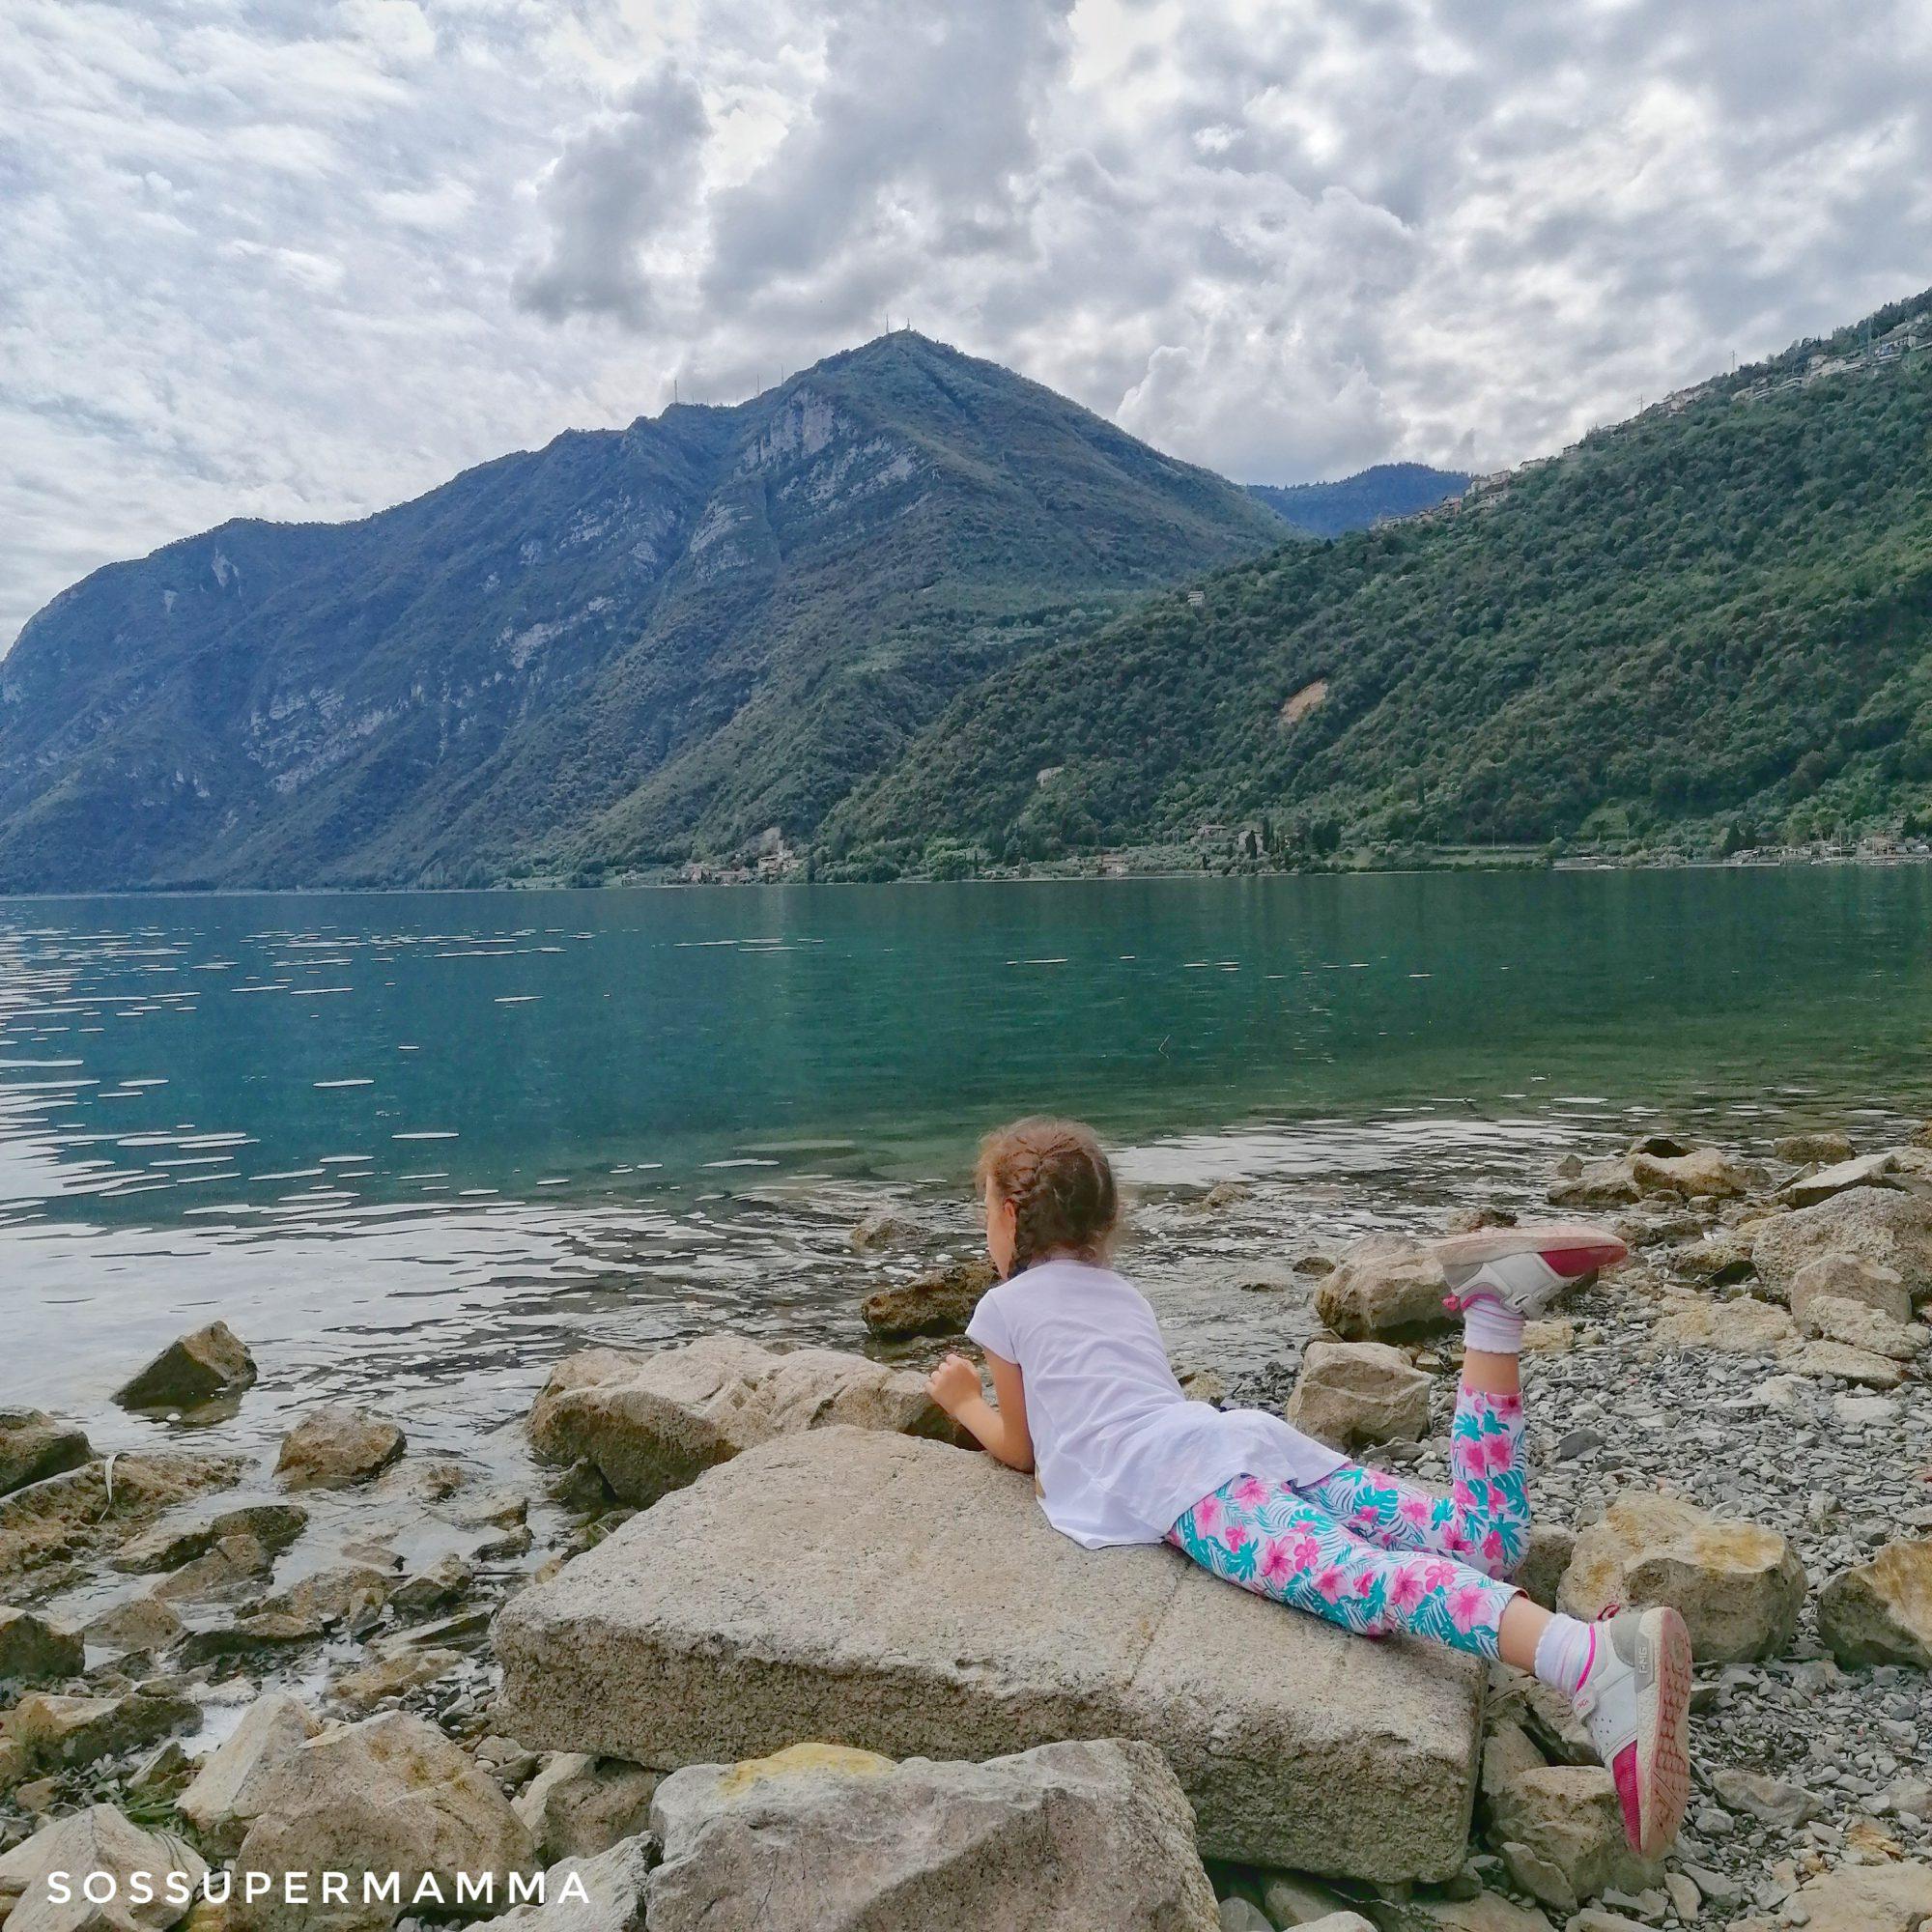 Riva di Solto sul Lago d'Iseo